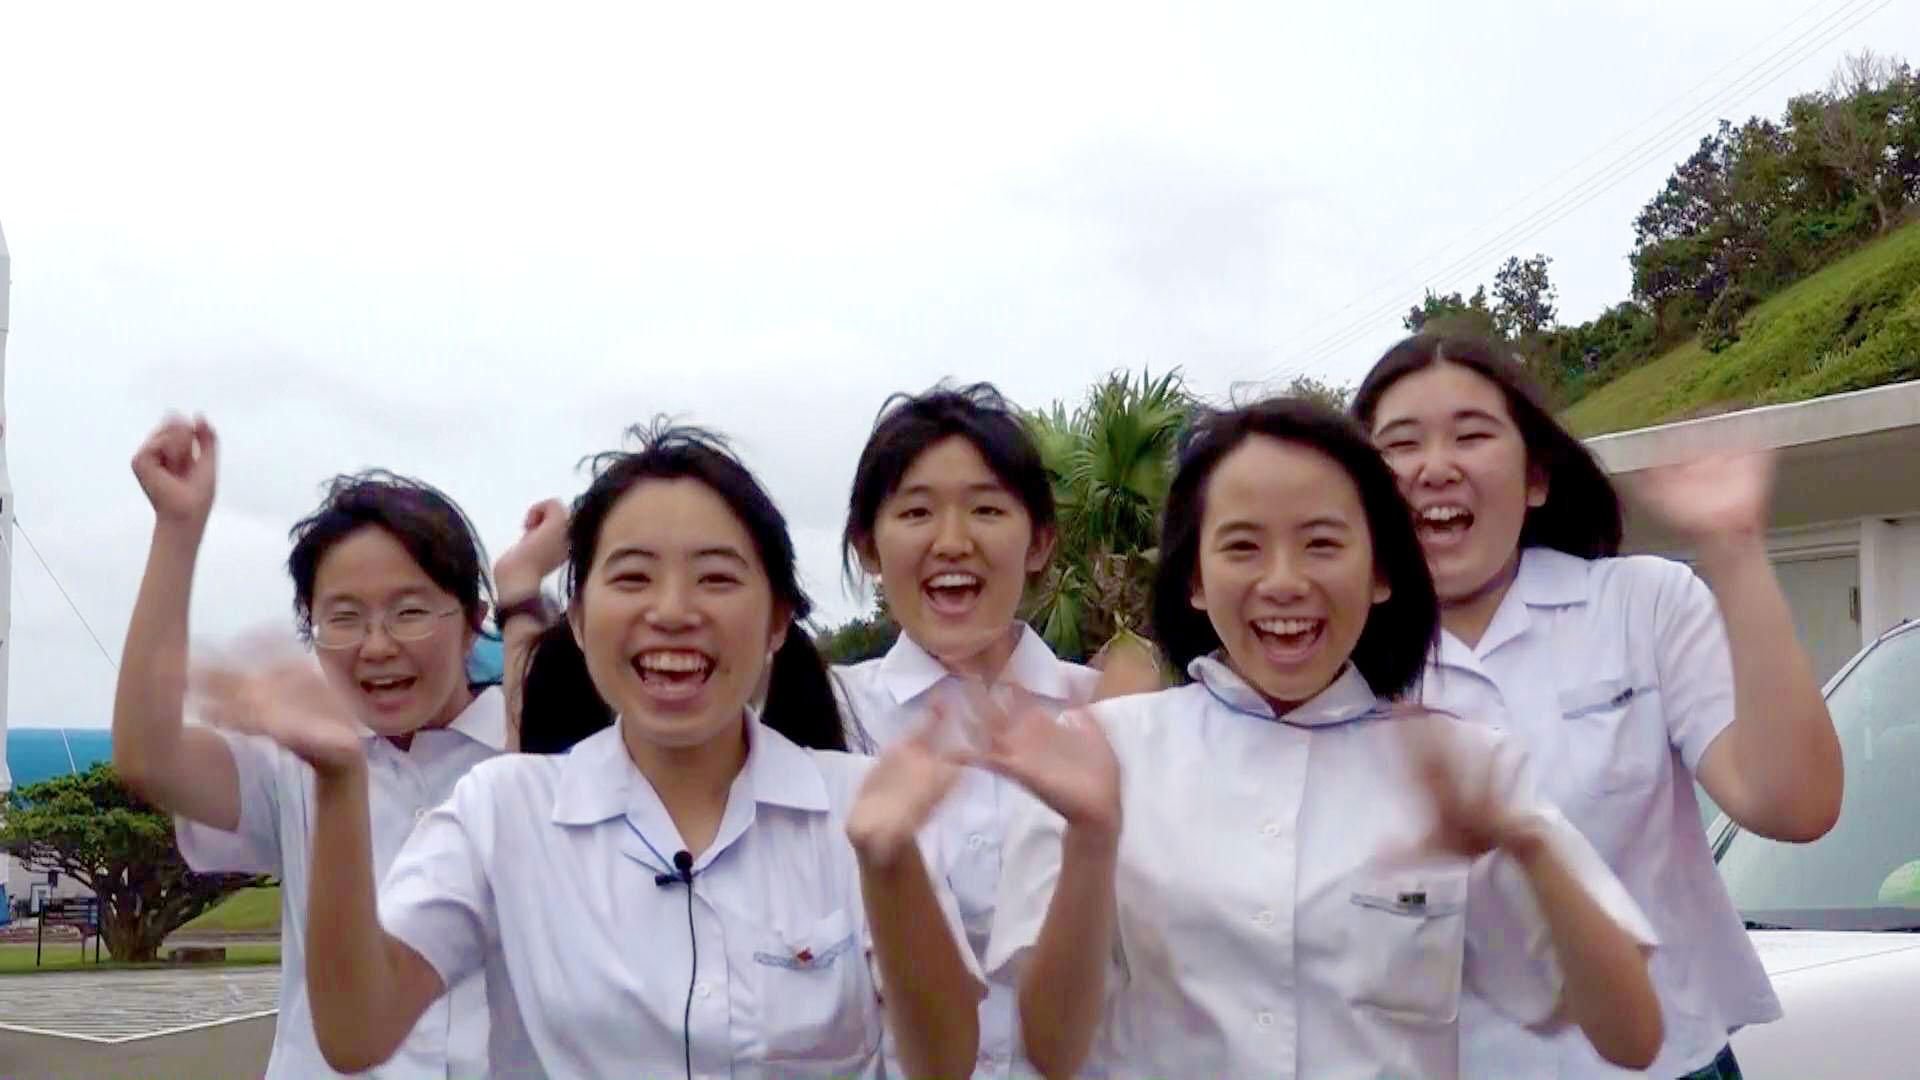 【宇宙教育テレビ】種子島高校放送部プレゼンツ1日宇宙記者「こうのとり」